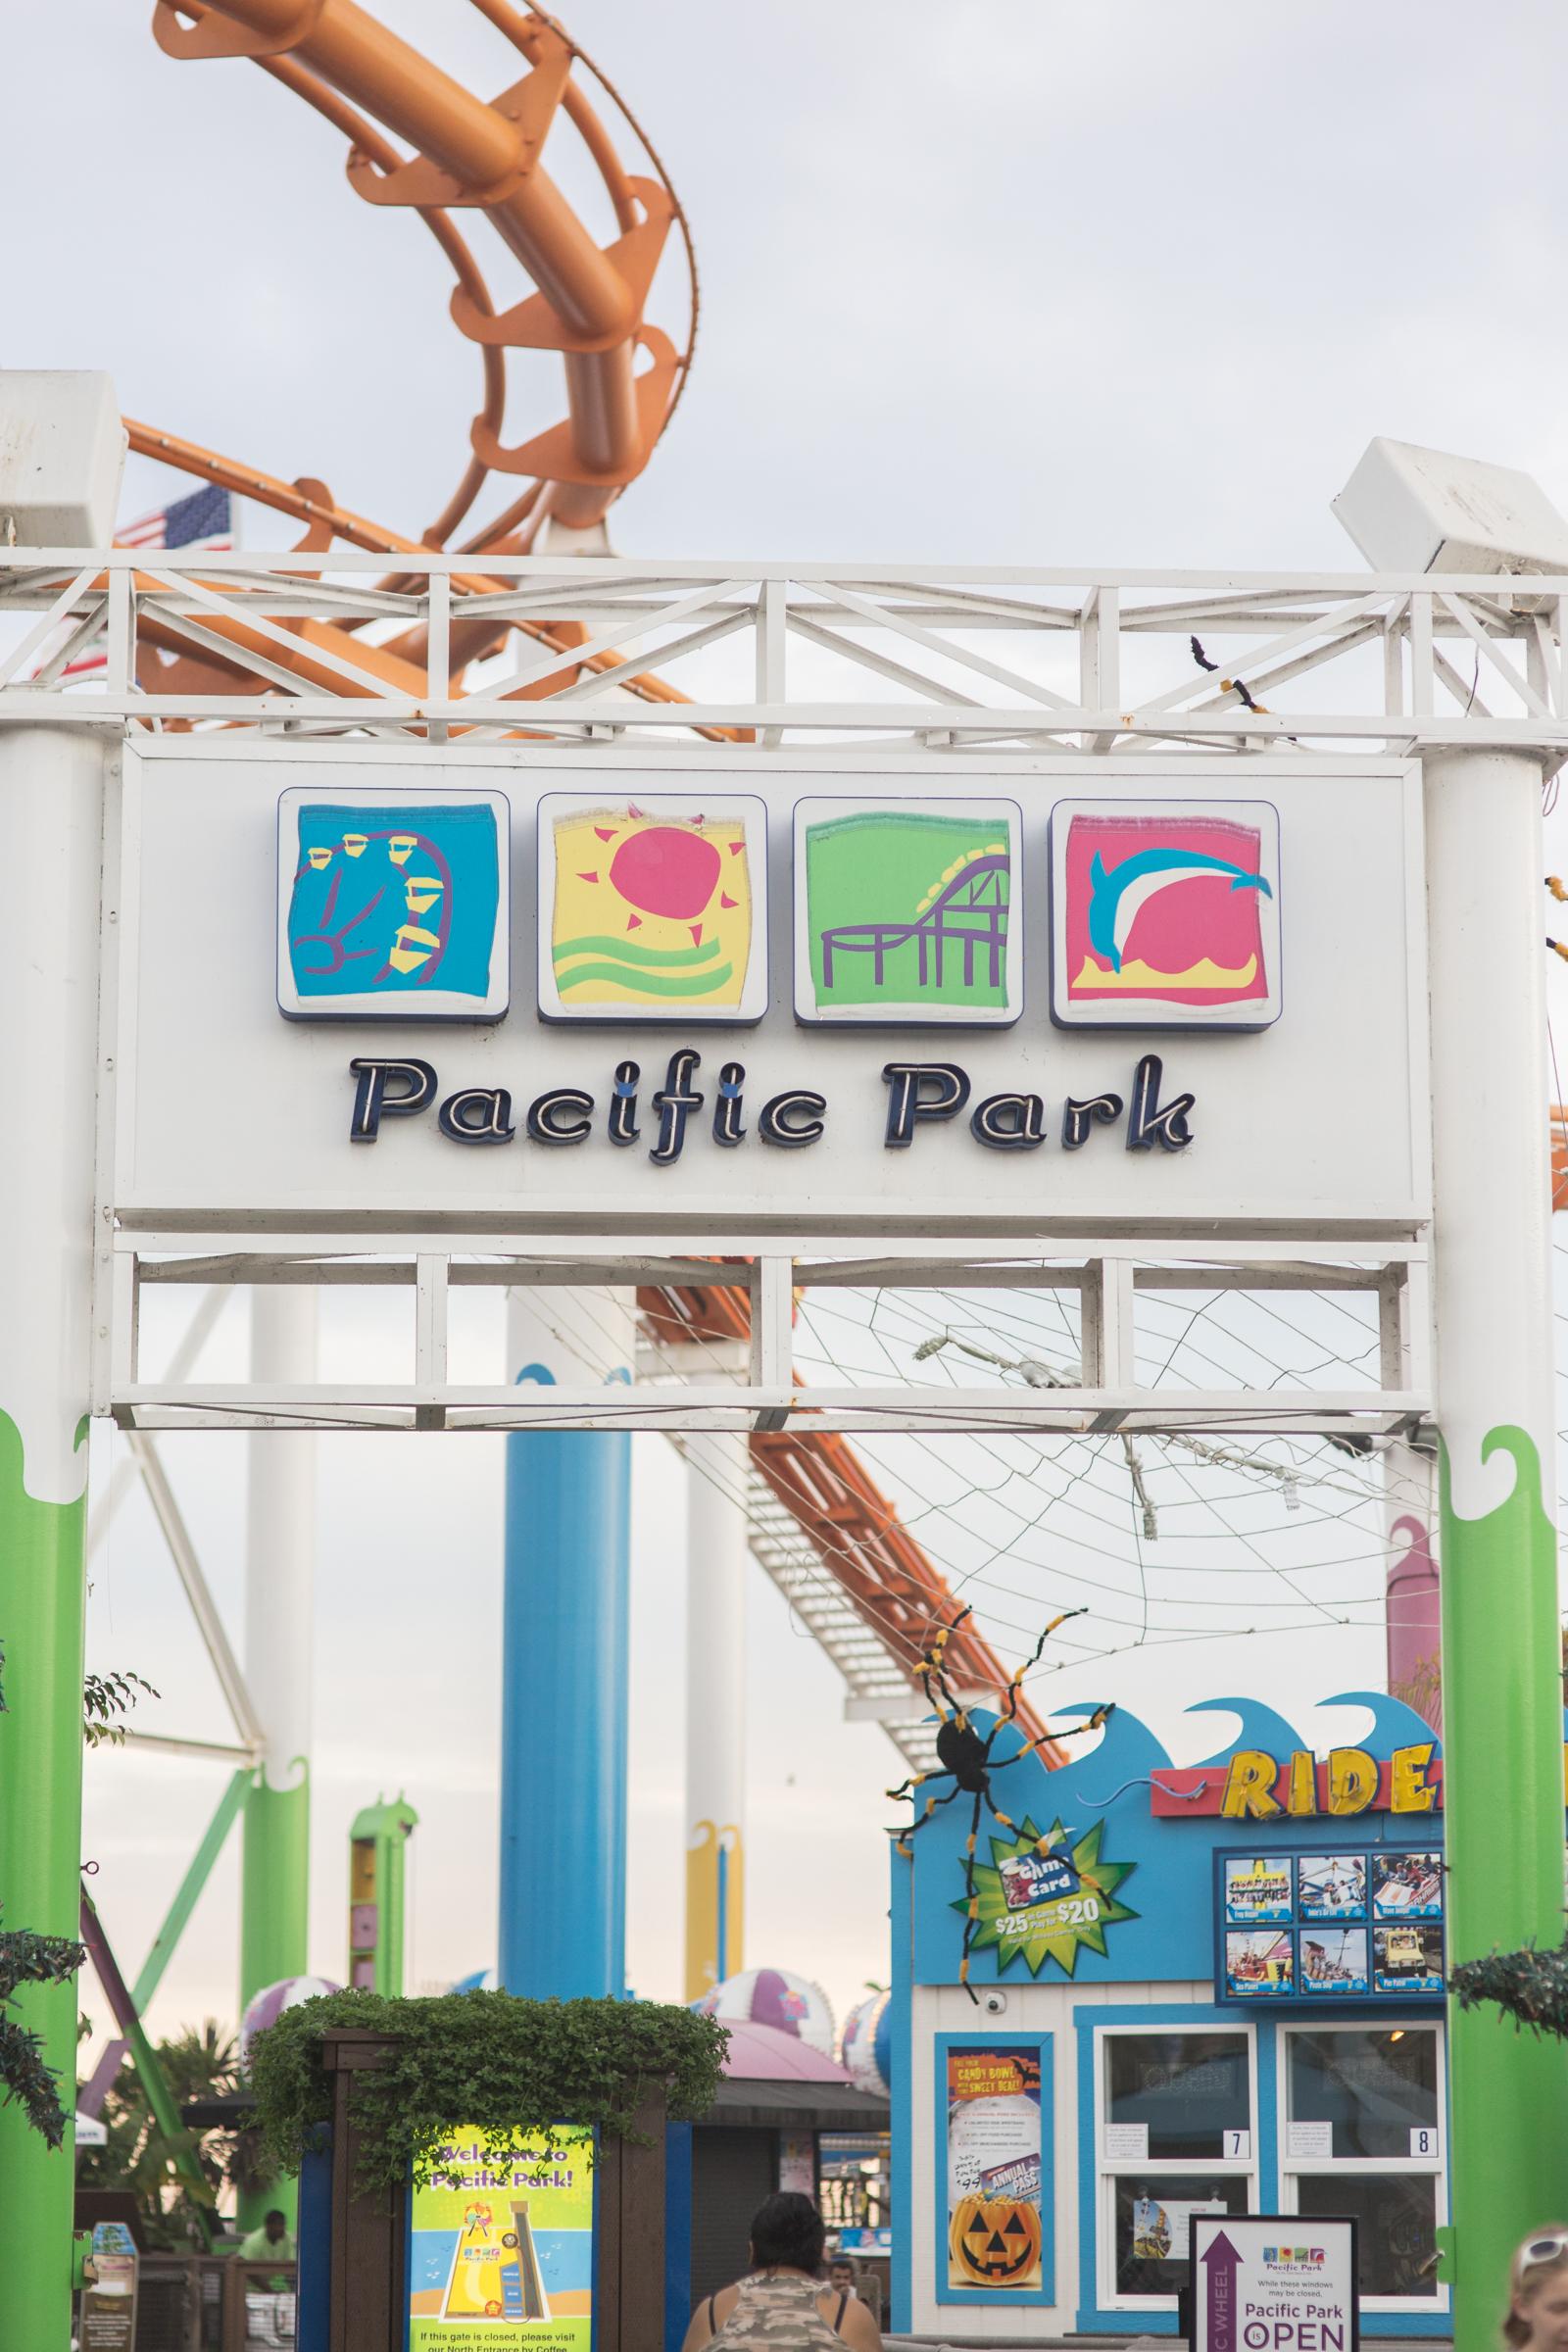 santa monica pier pacific park-5173